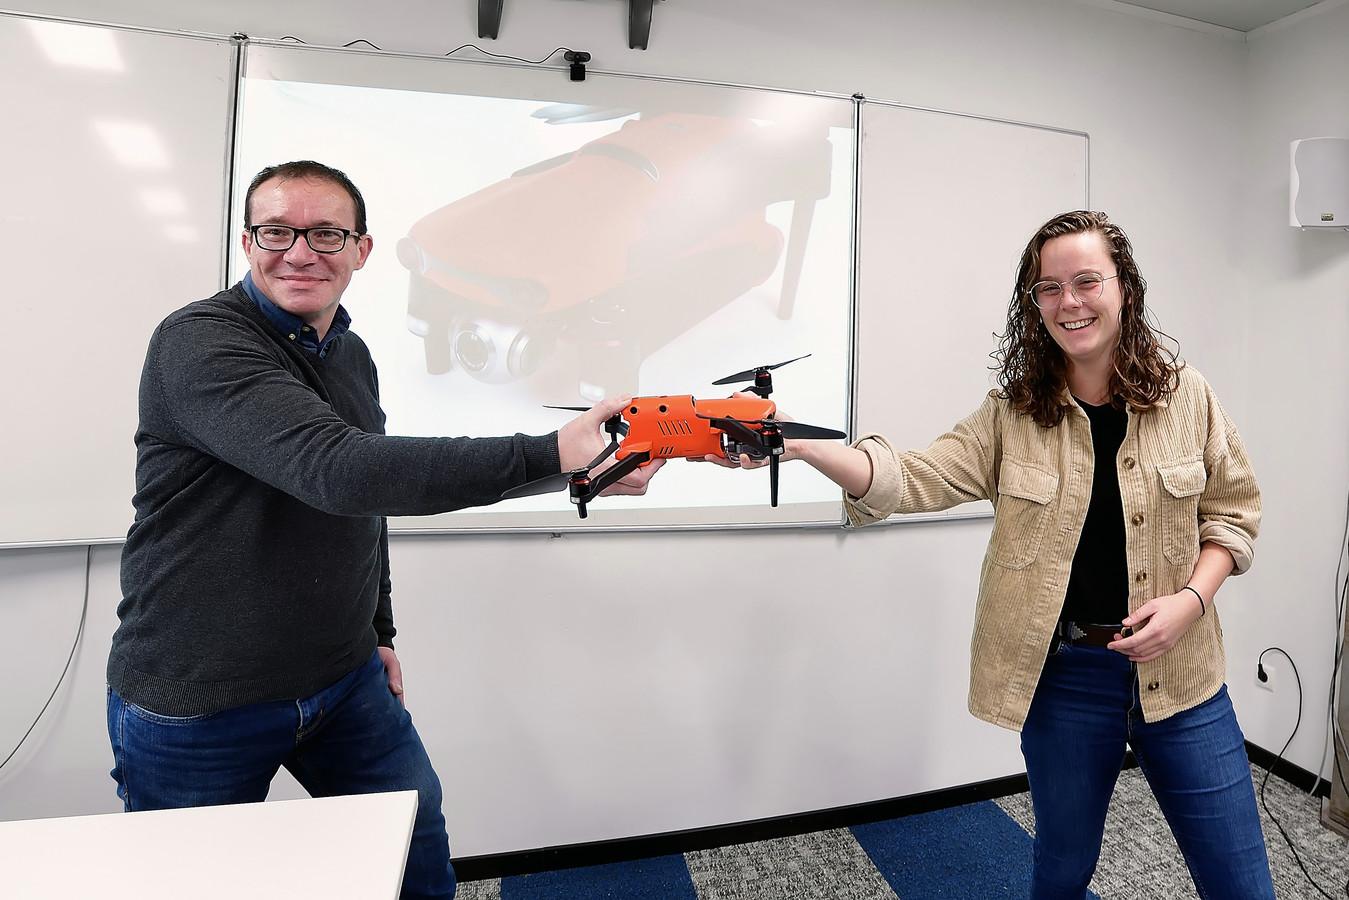 Docent François Coppens van UAV+ overhandigt in het Dutch Drone Centre te Hoogerheide een drone aan hbo-studente Anna van der Heijden uit Breda voor haar Avans-projectgroep.